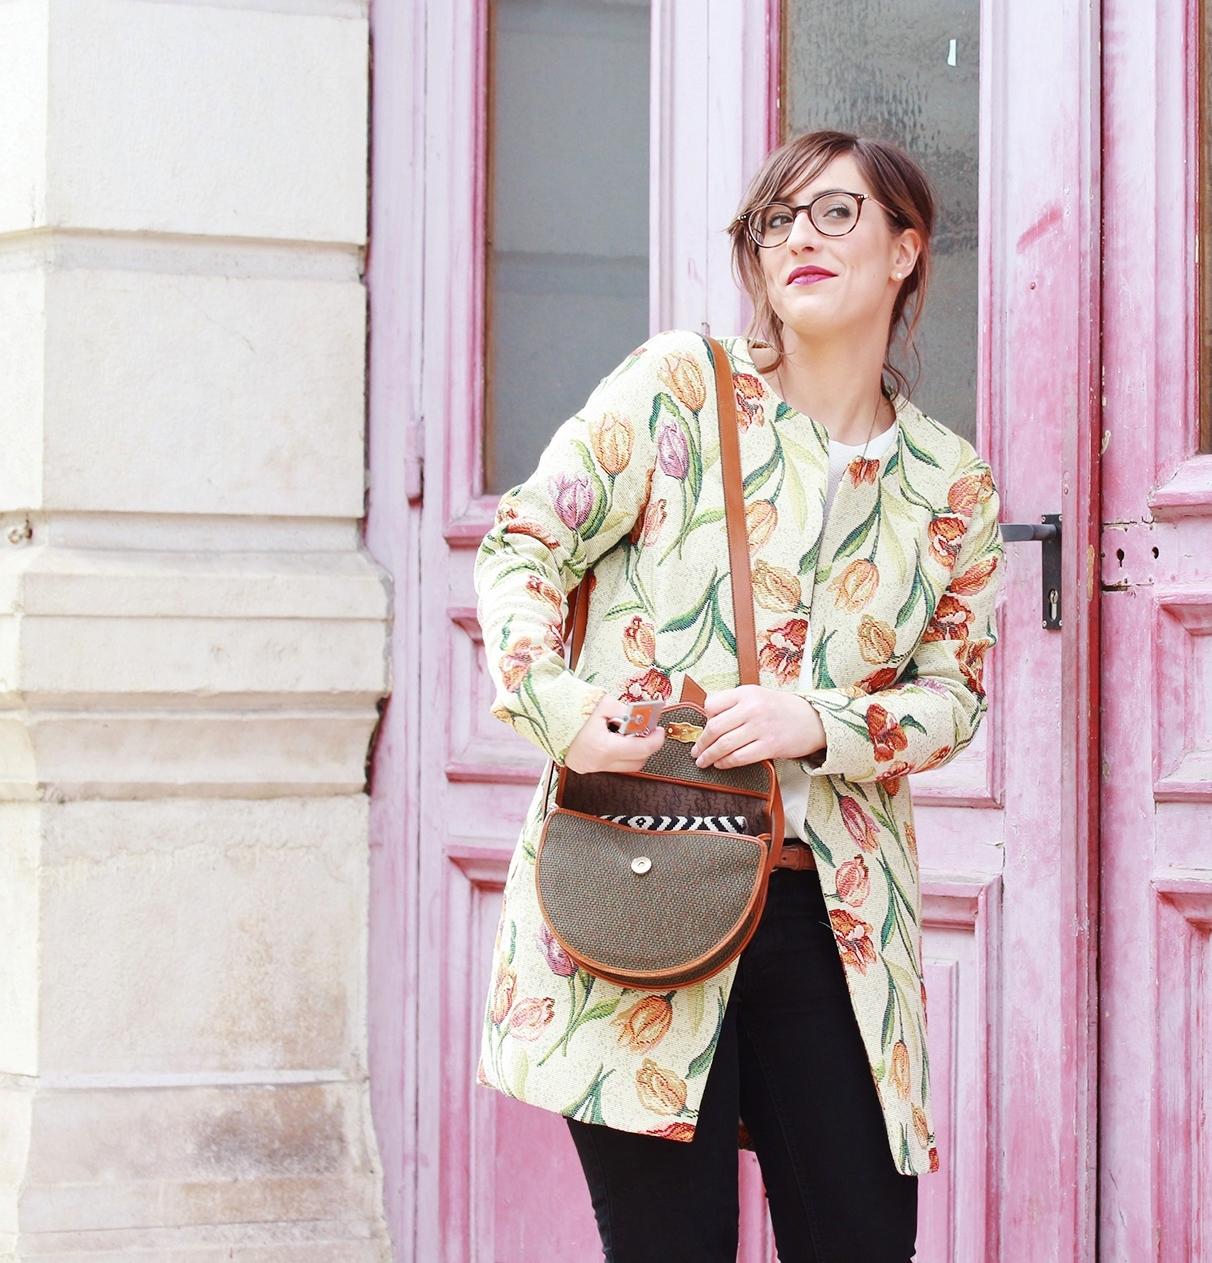 Huguette Paillettes - Couture - Veste Vintage Flowers (12)